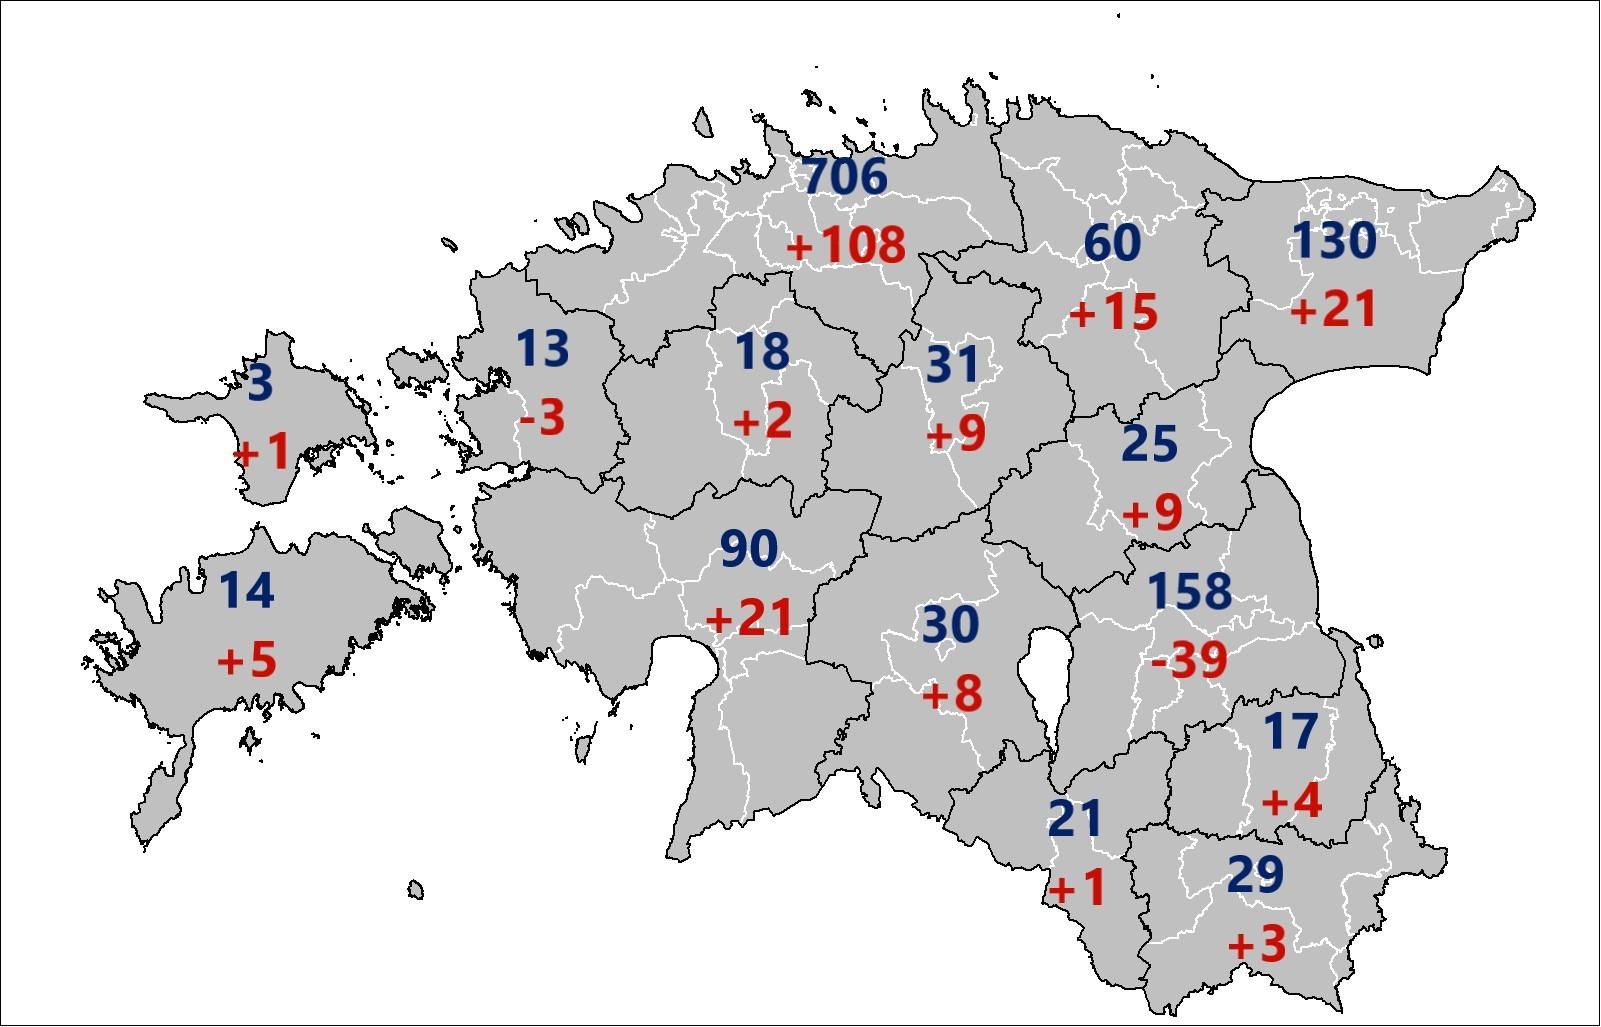 Число сделок в мае (синим цветом) и изменение числа сделок по сравнению с апрелем (красным цветом).